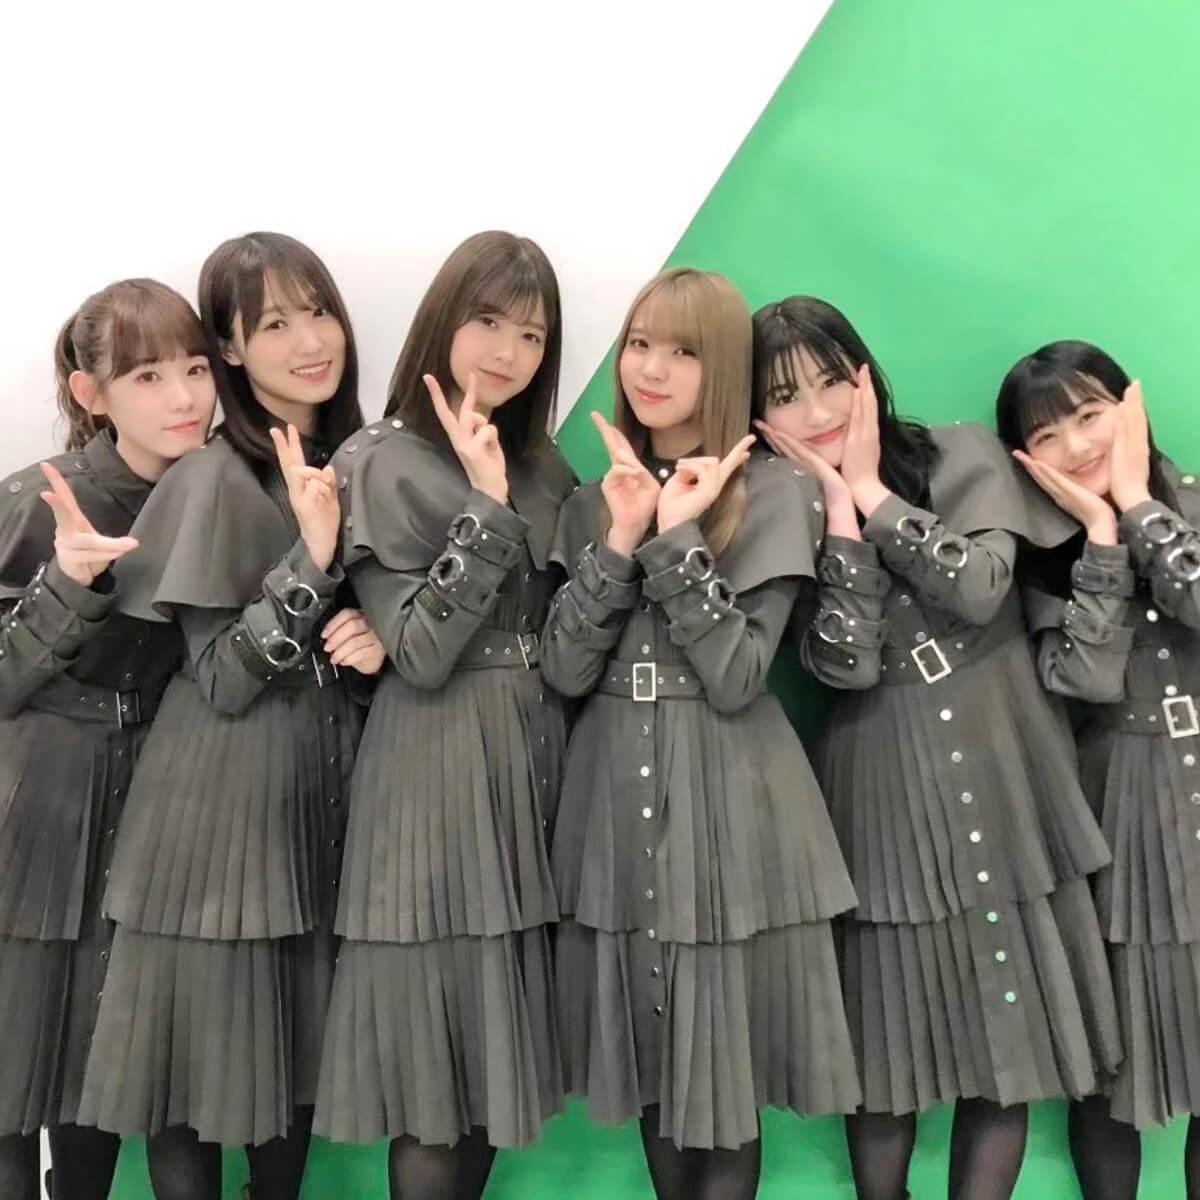 櫻坂46の画像 p1_27